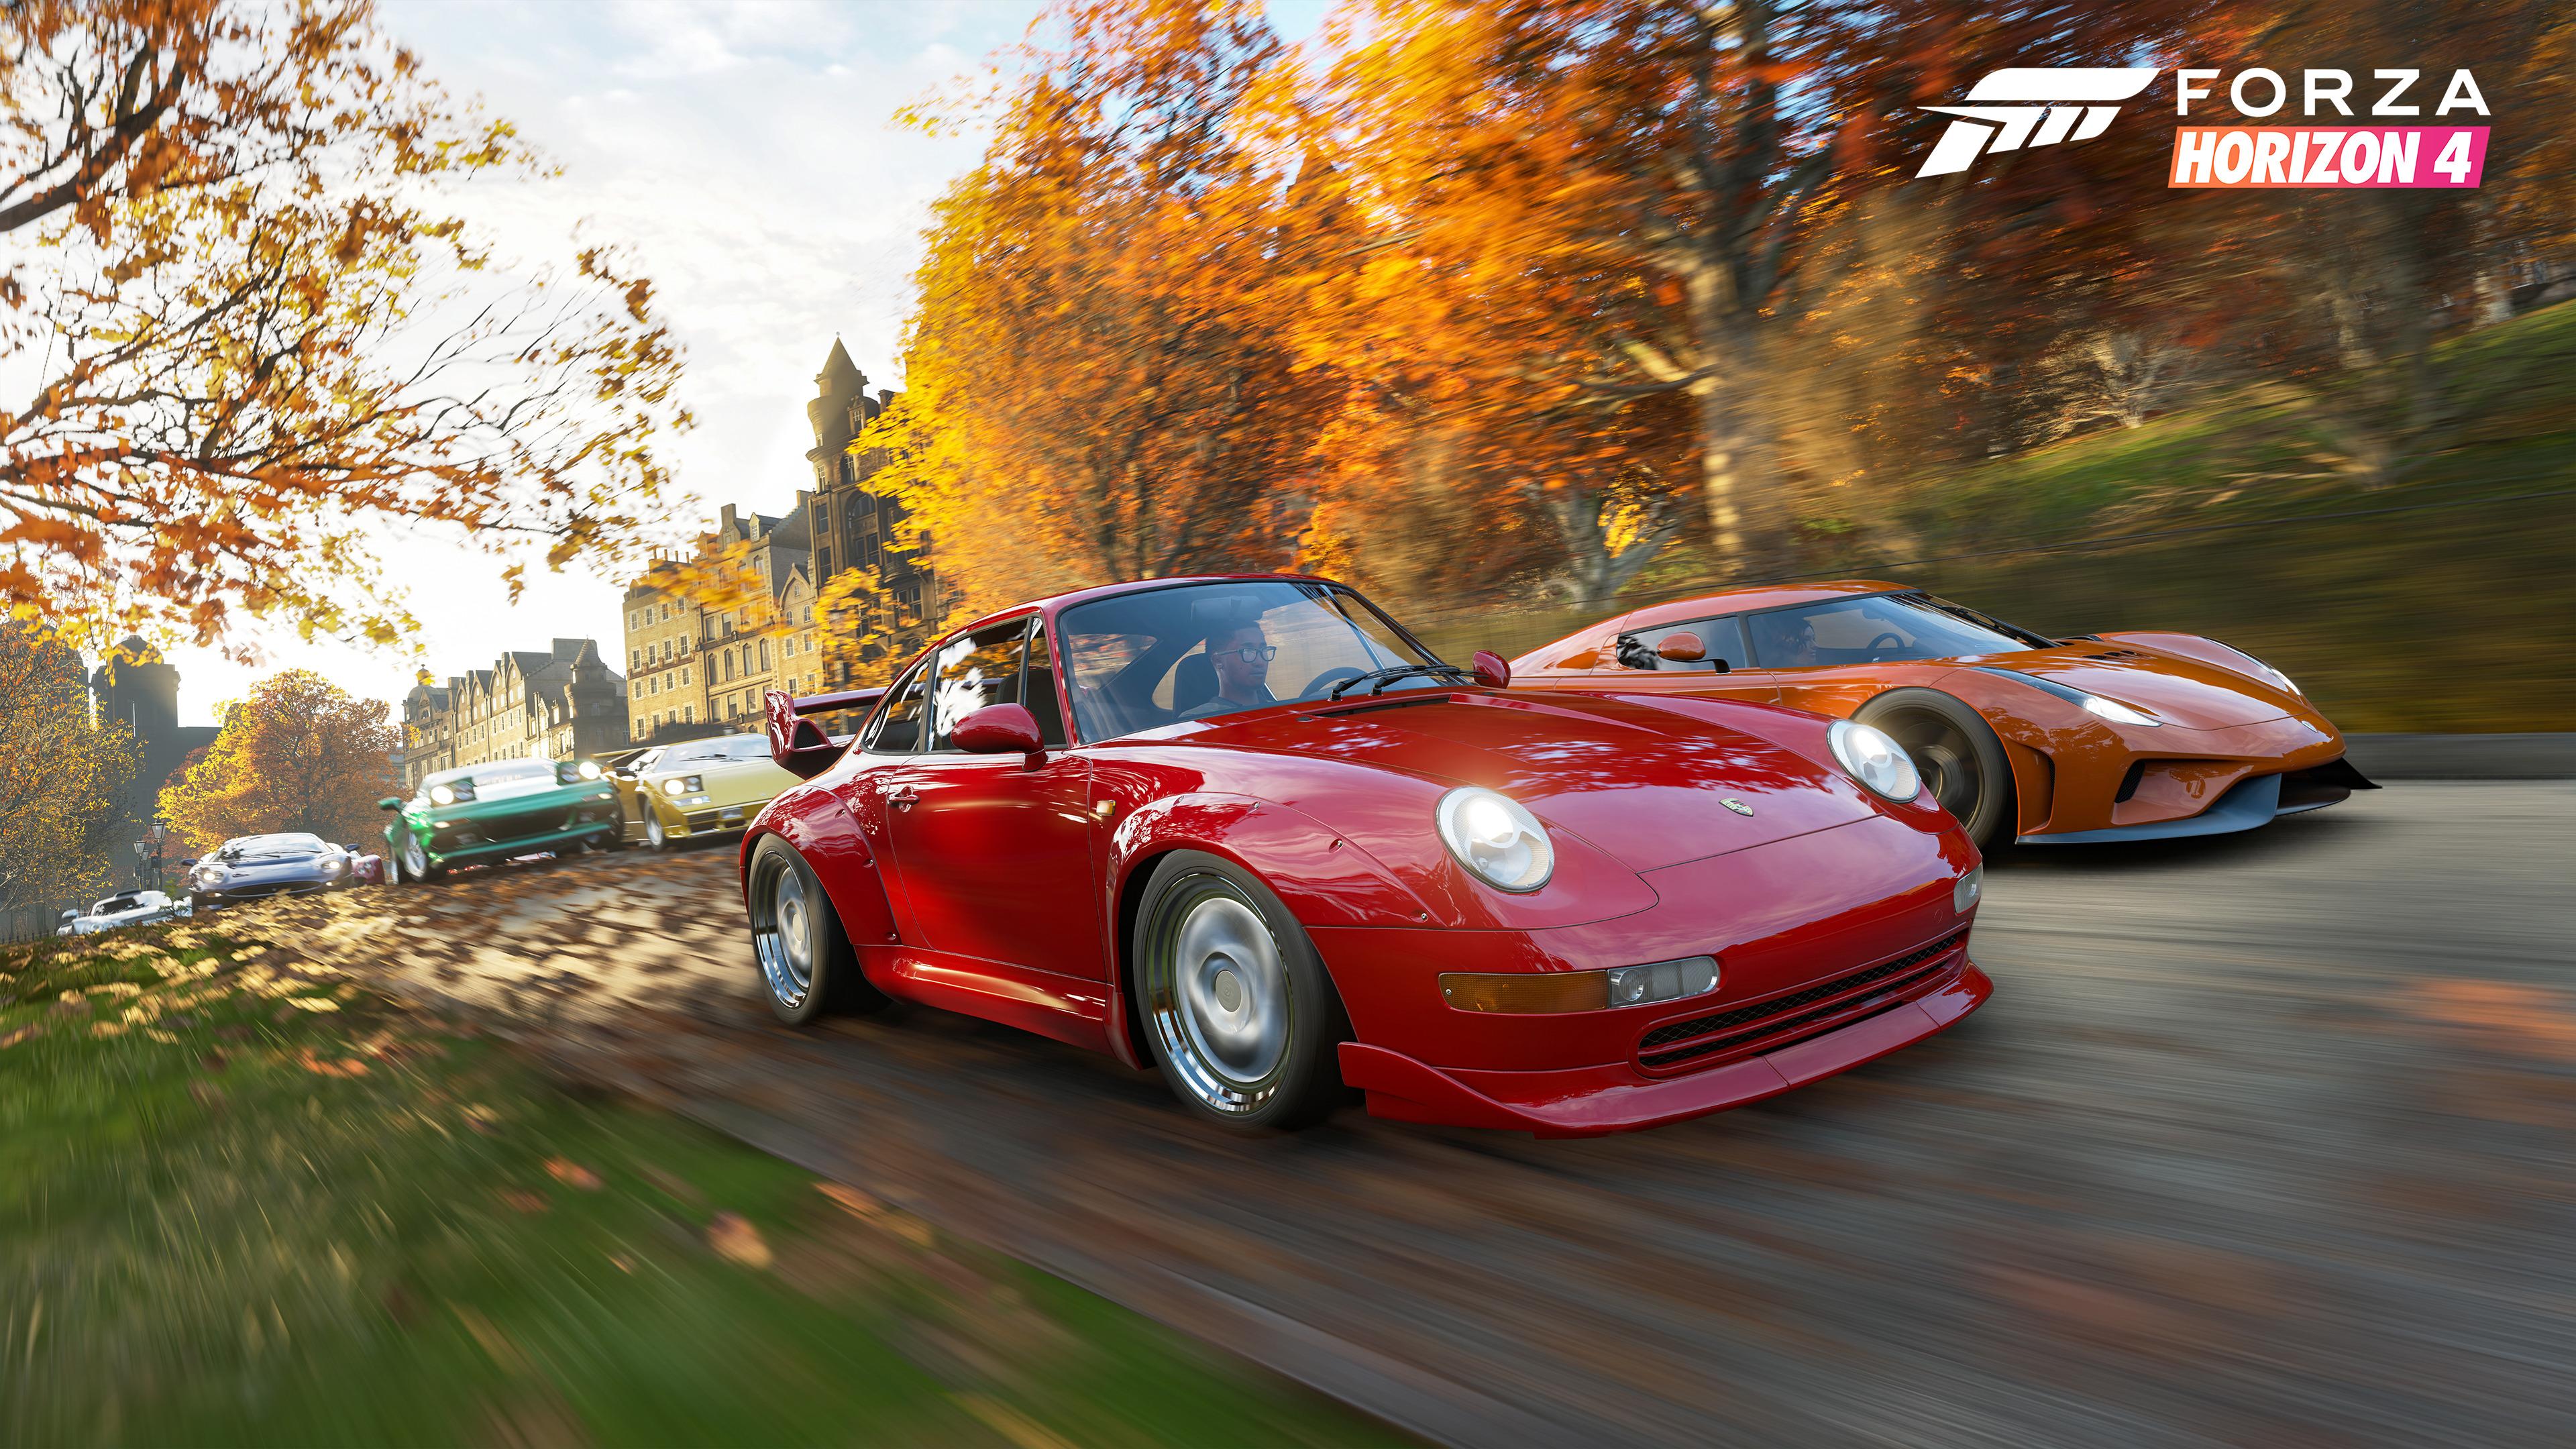 Forza Horizon 4 chega amanhã: principais novidades, críticas, carros e mais    Torcedores   Notícias sobre Futebol, Games e outros esportes